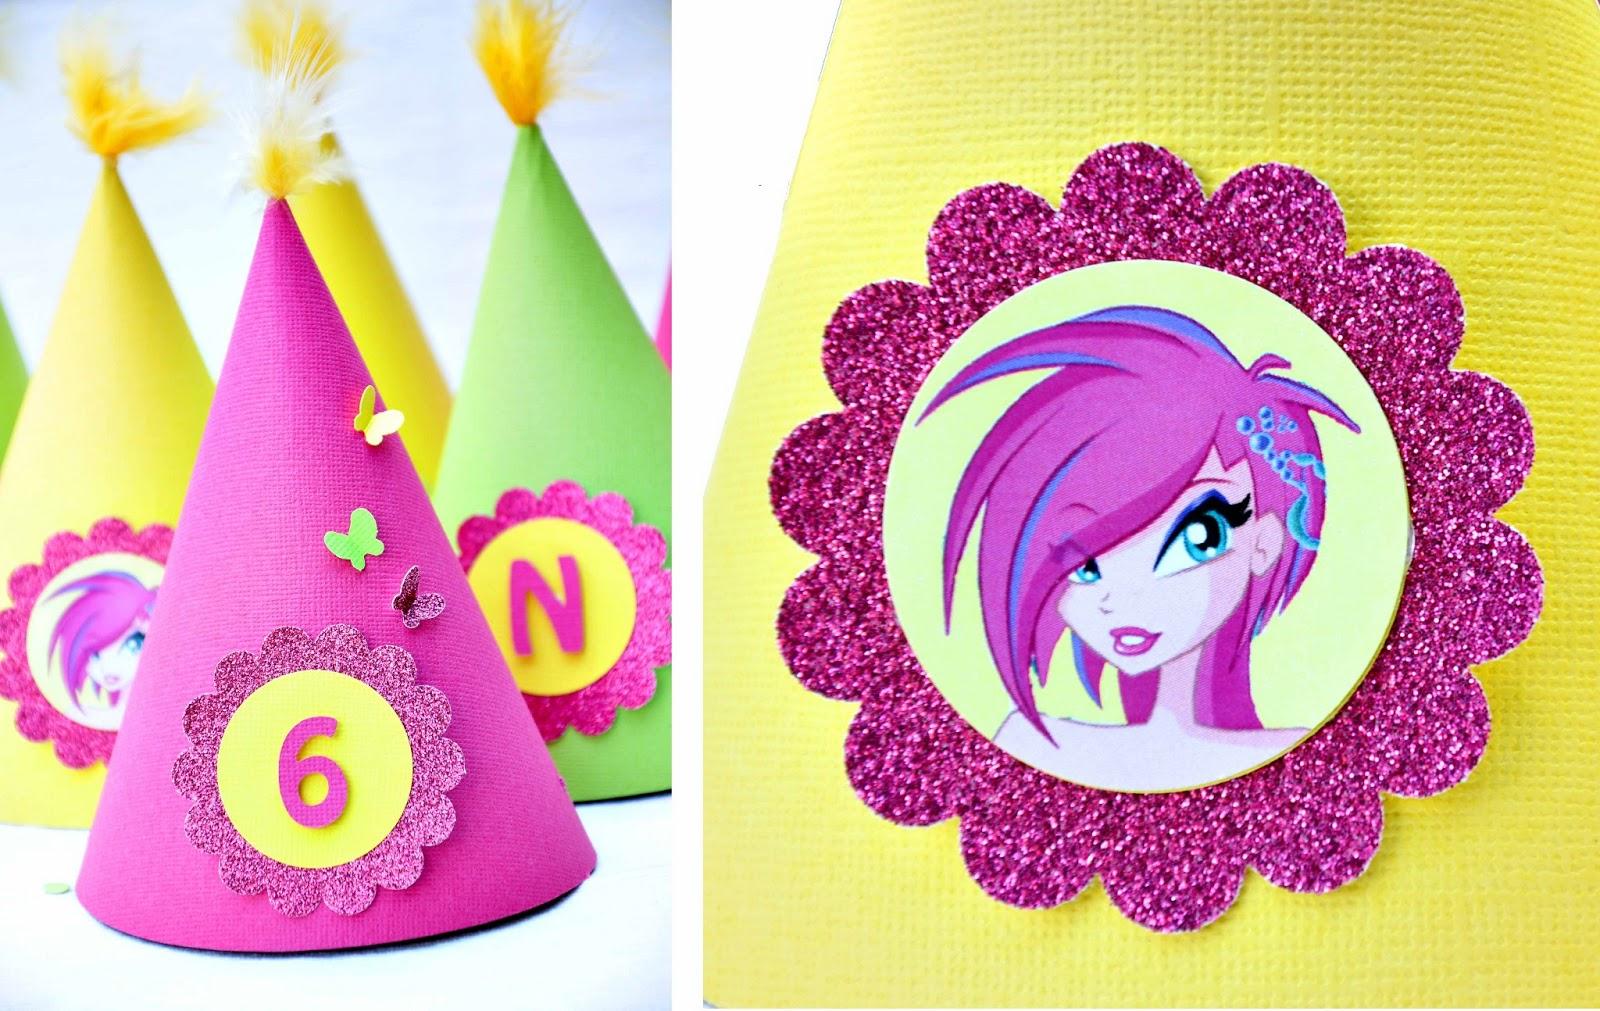 születésnapi dekorációs kellékek sugarparty   egyedi tervezésű gyerekbulik: Winx   tündéri  születésnapi dekorációs kellékek